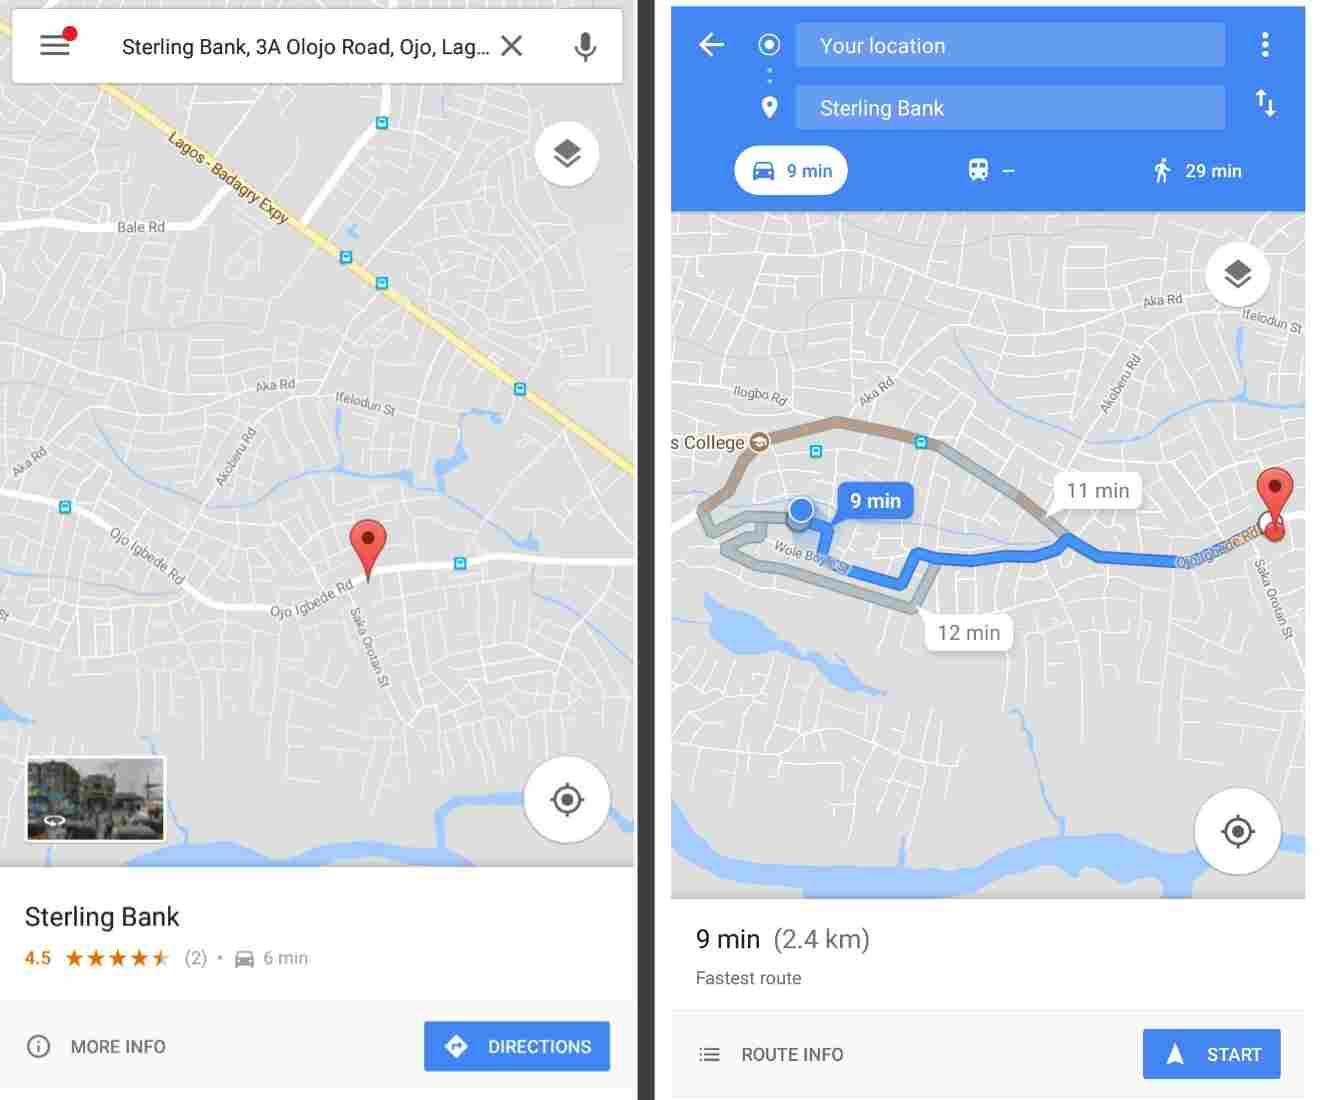 Open WiFi Network(s) Shown On Google Maps